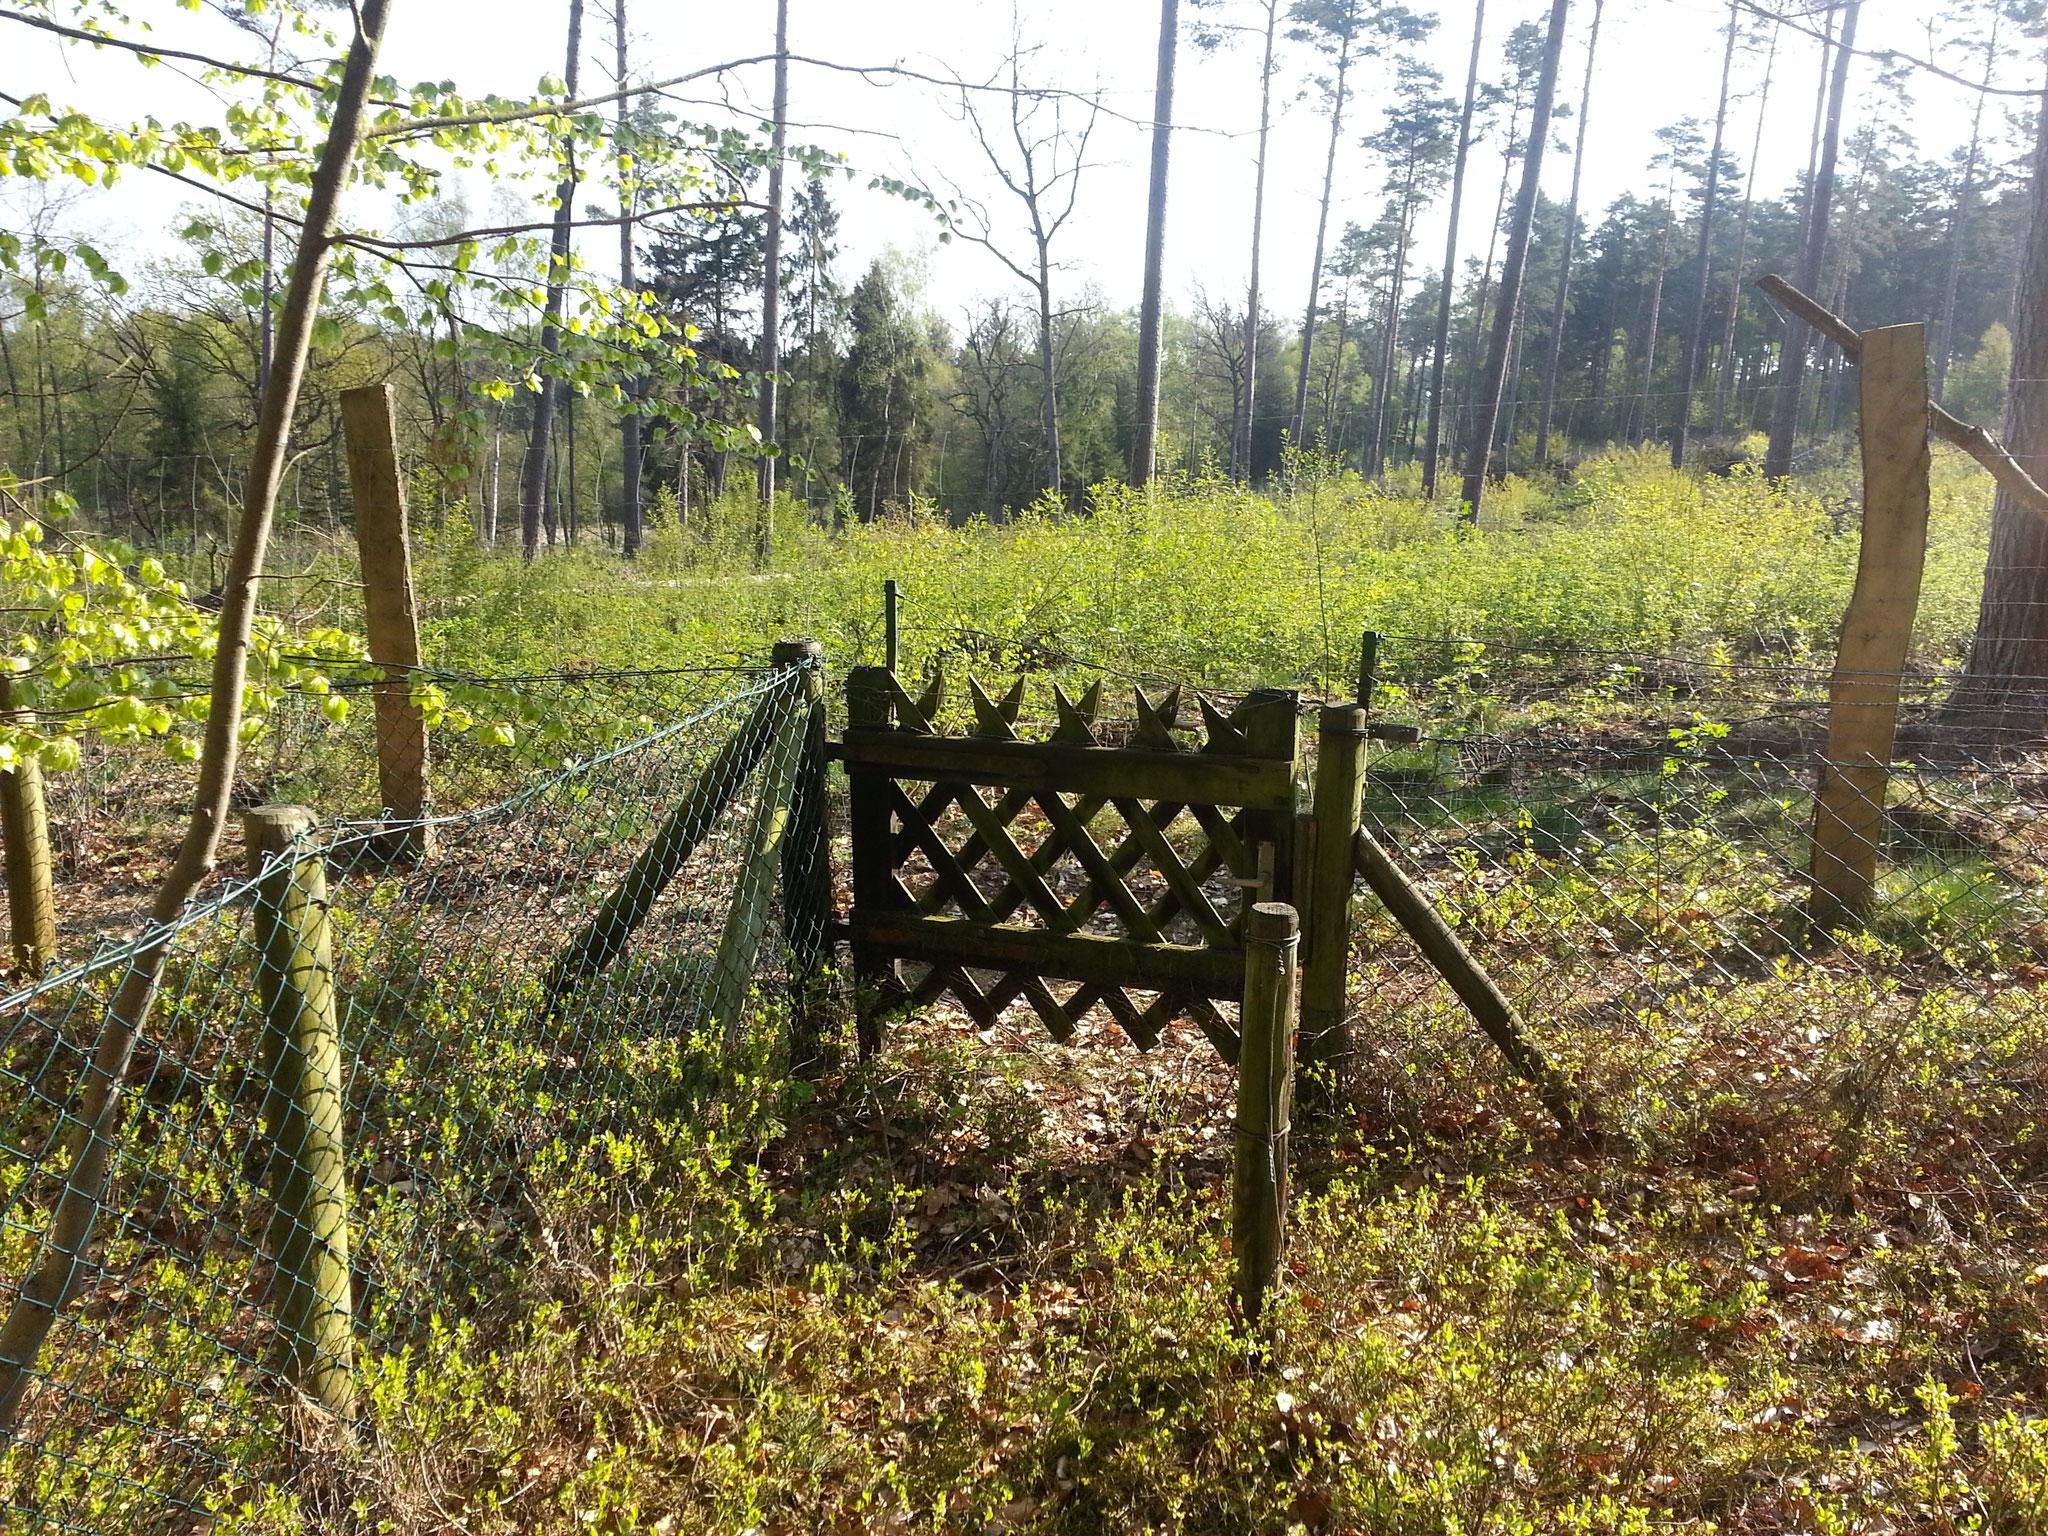 Das kleine Tor hinten führt zur Schonung, die heute schon hoch zugewuchert ist, und weiter in den Wald.